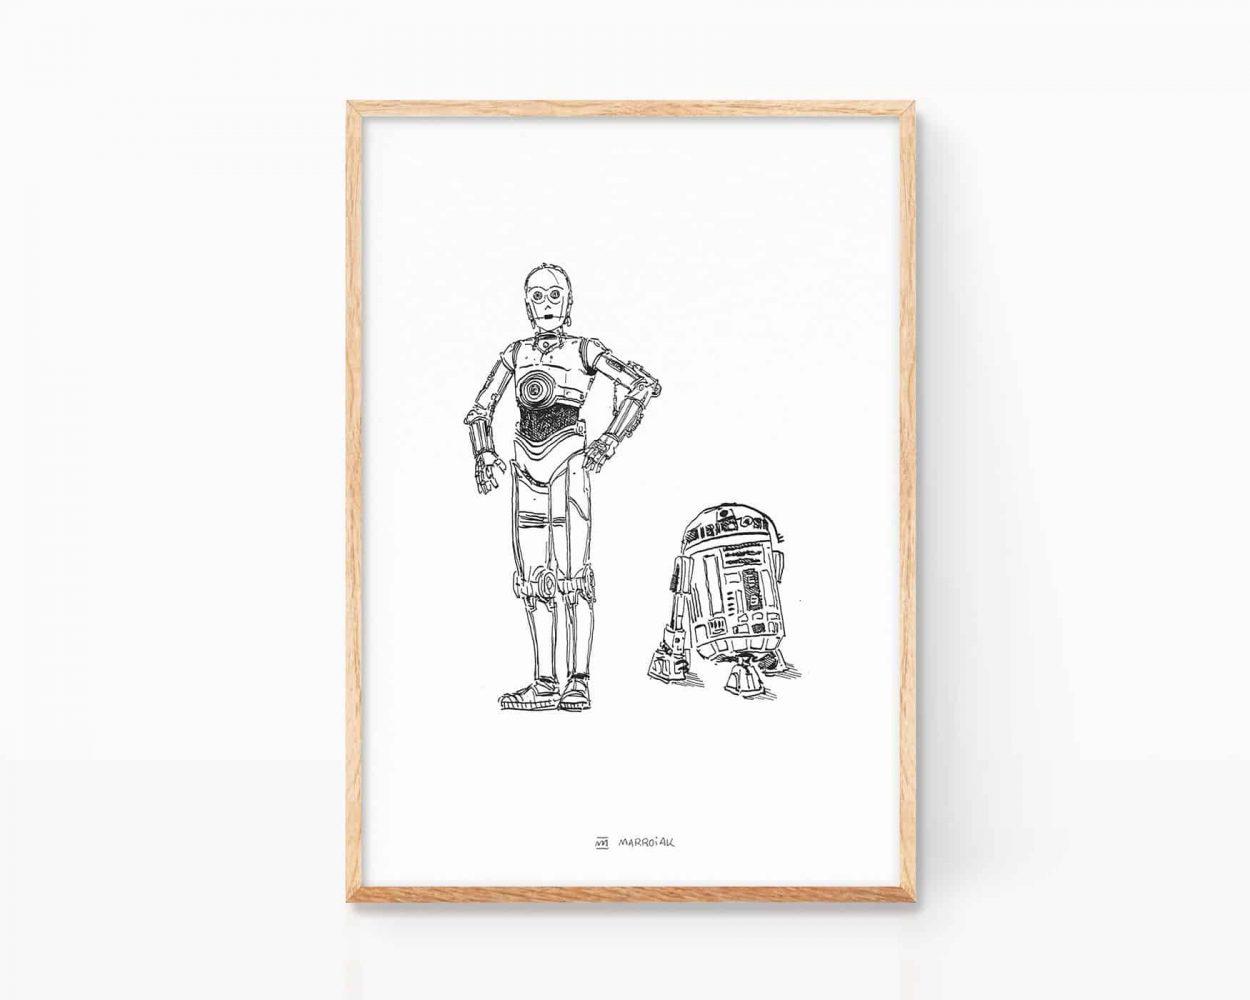 Lámina Print con una ilustración de Star Wars - c3po y r2d2. Decoración minimalista. Dibujos para frikis.